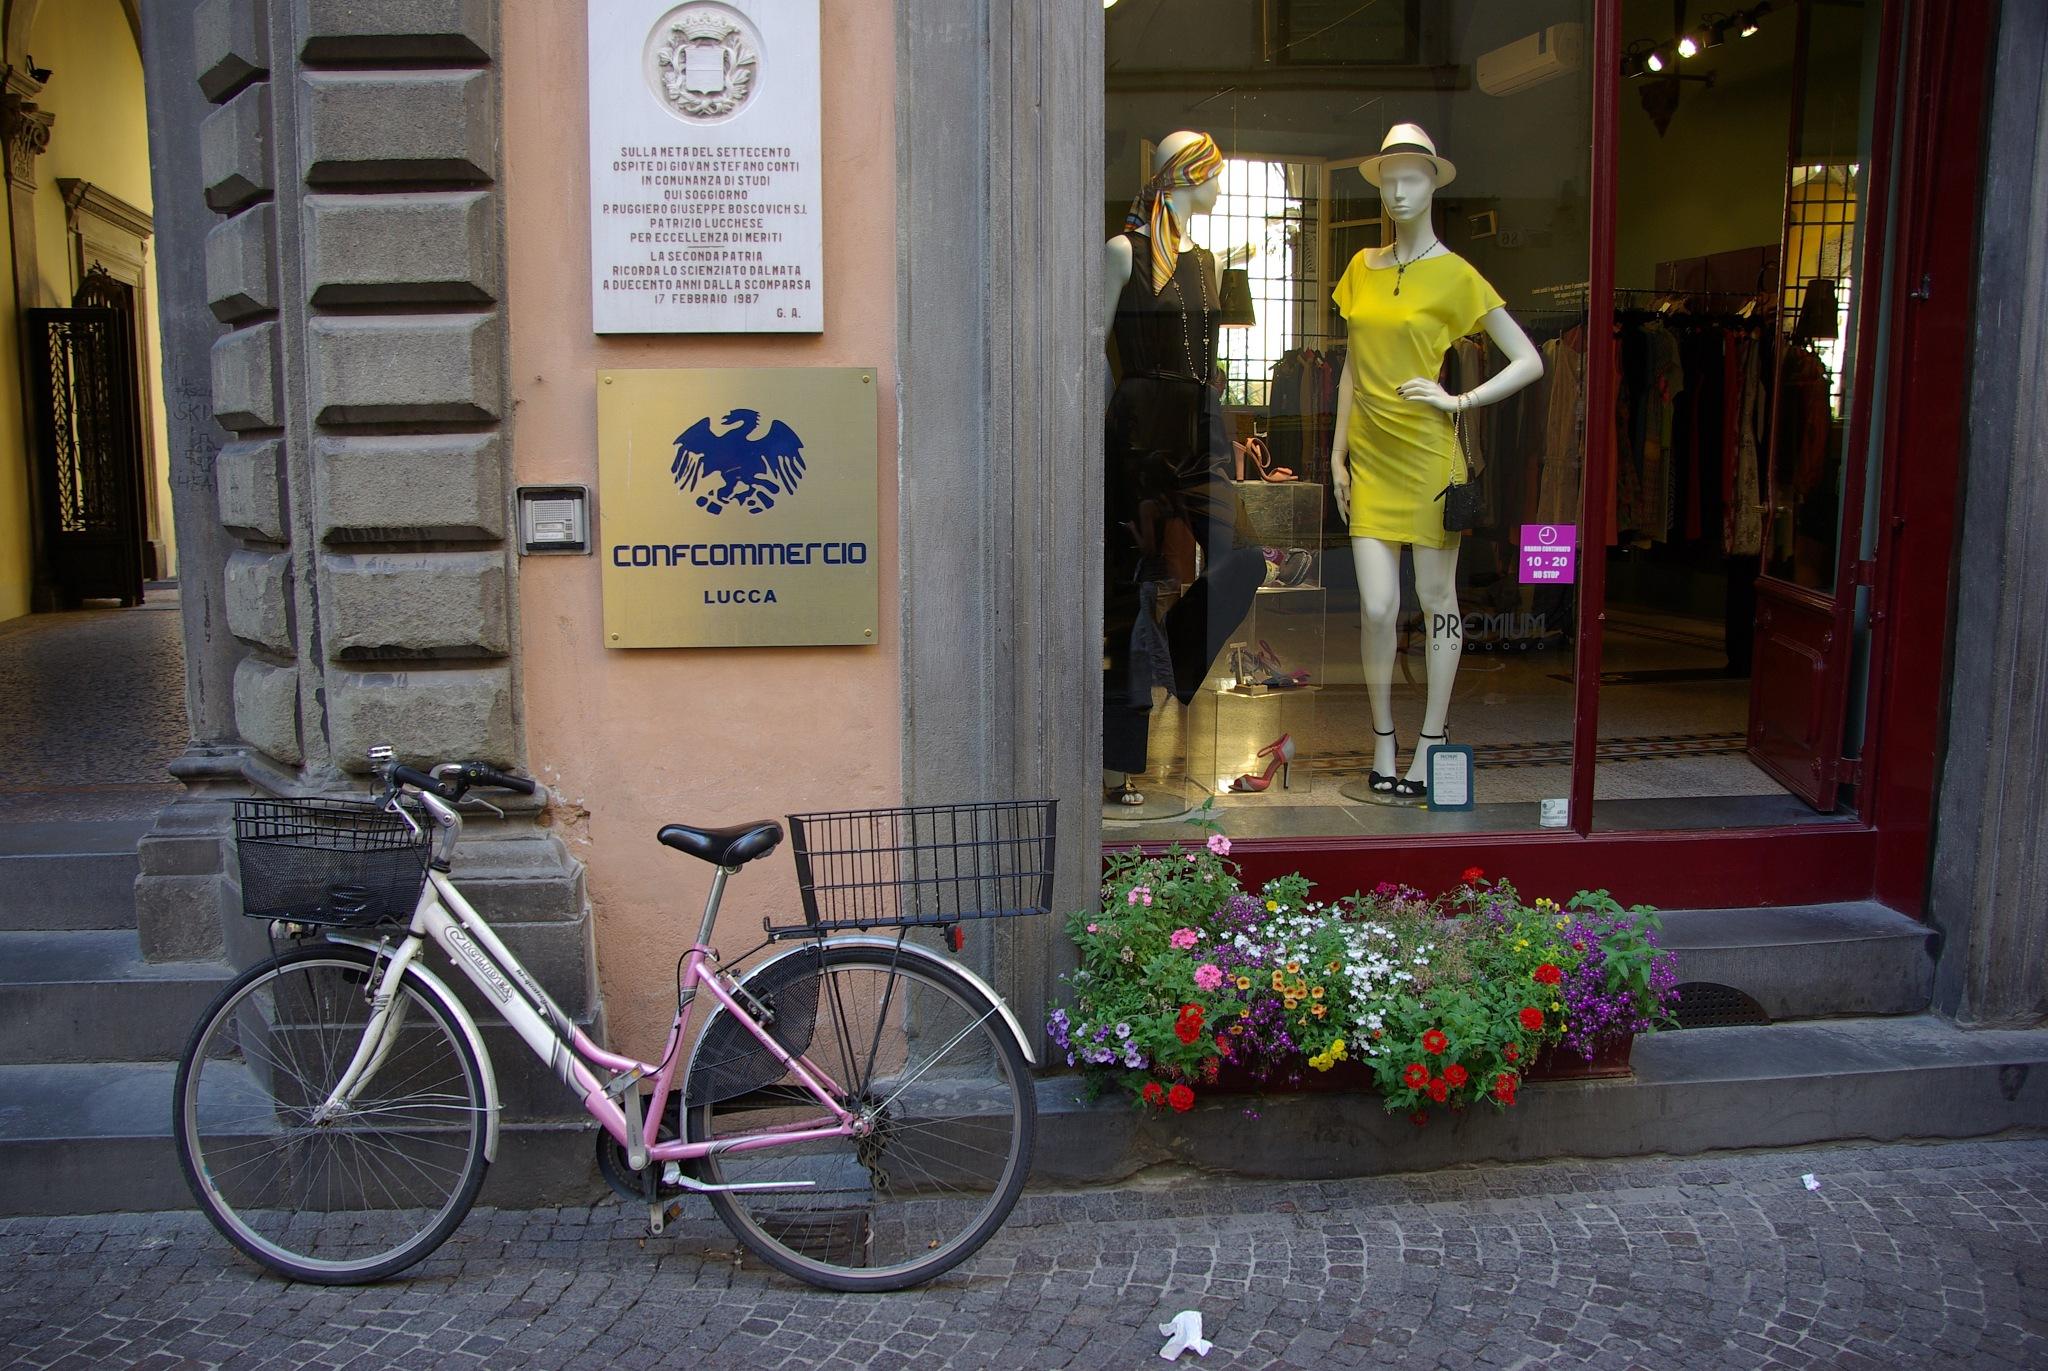 Lucca Street Scene by John Semple